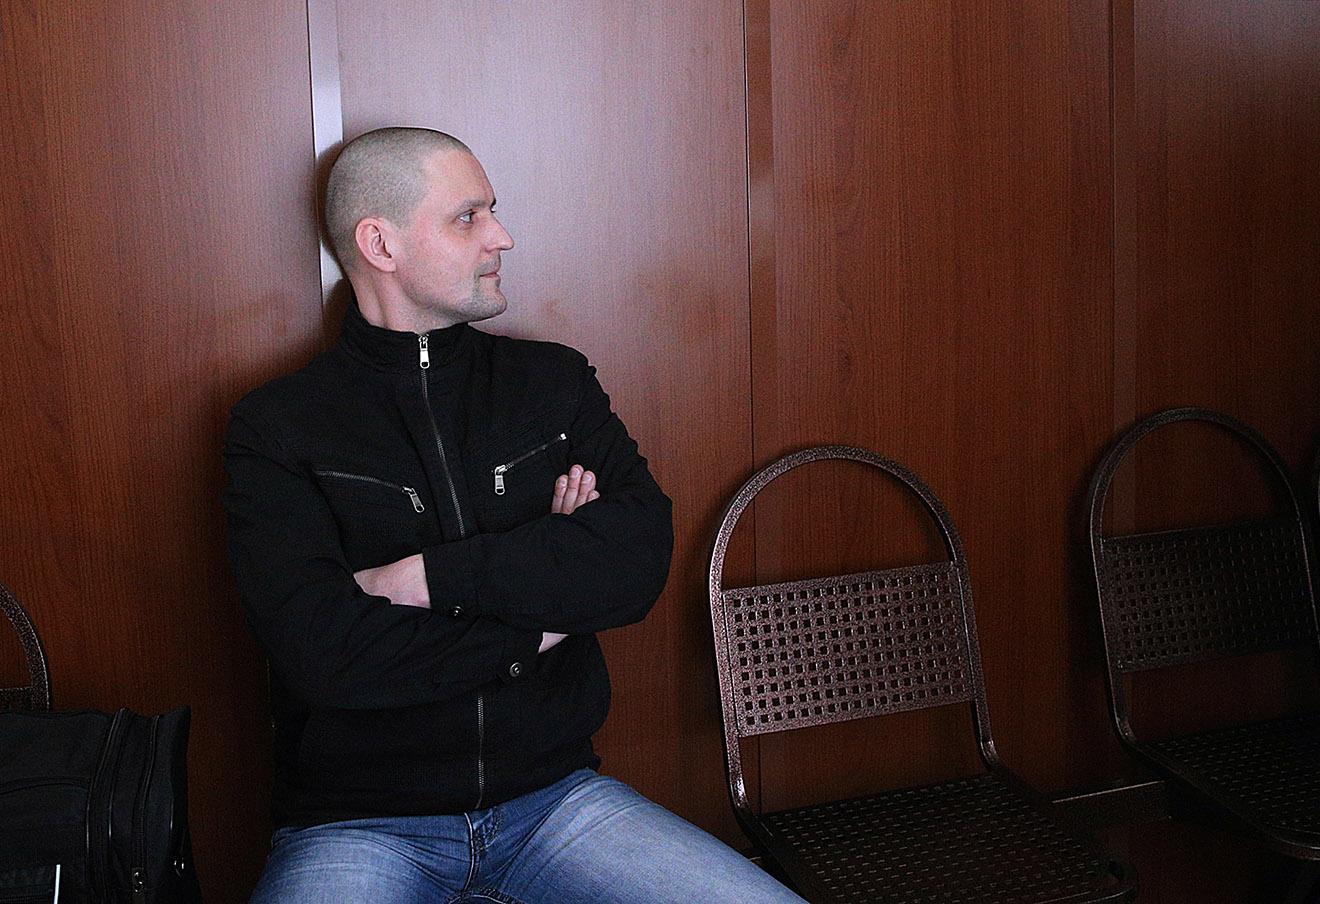 Сергей Удальцов перед оглашением приговора в Мосгорсуде, 2014 год.